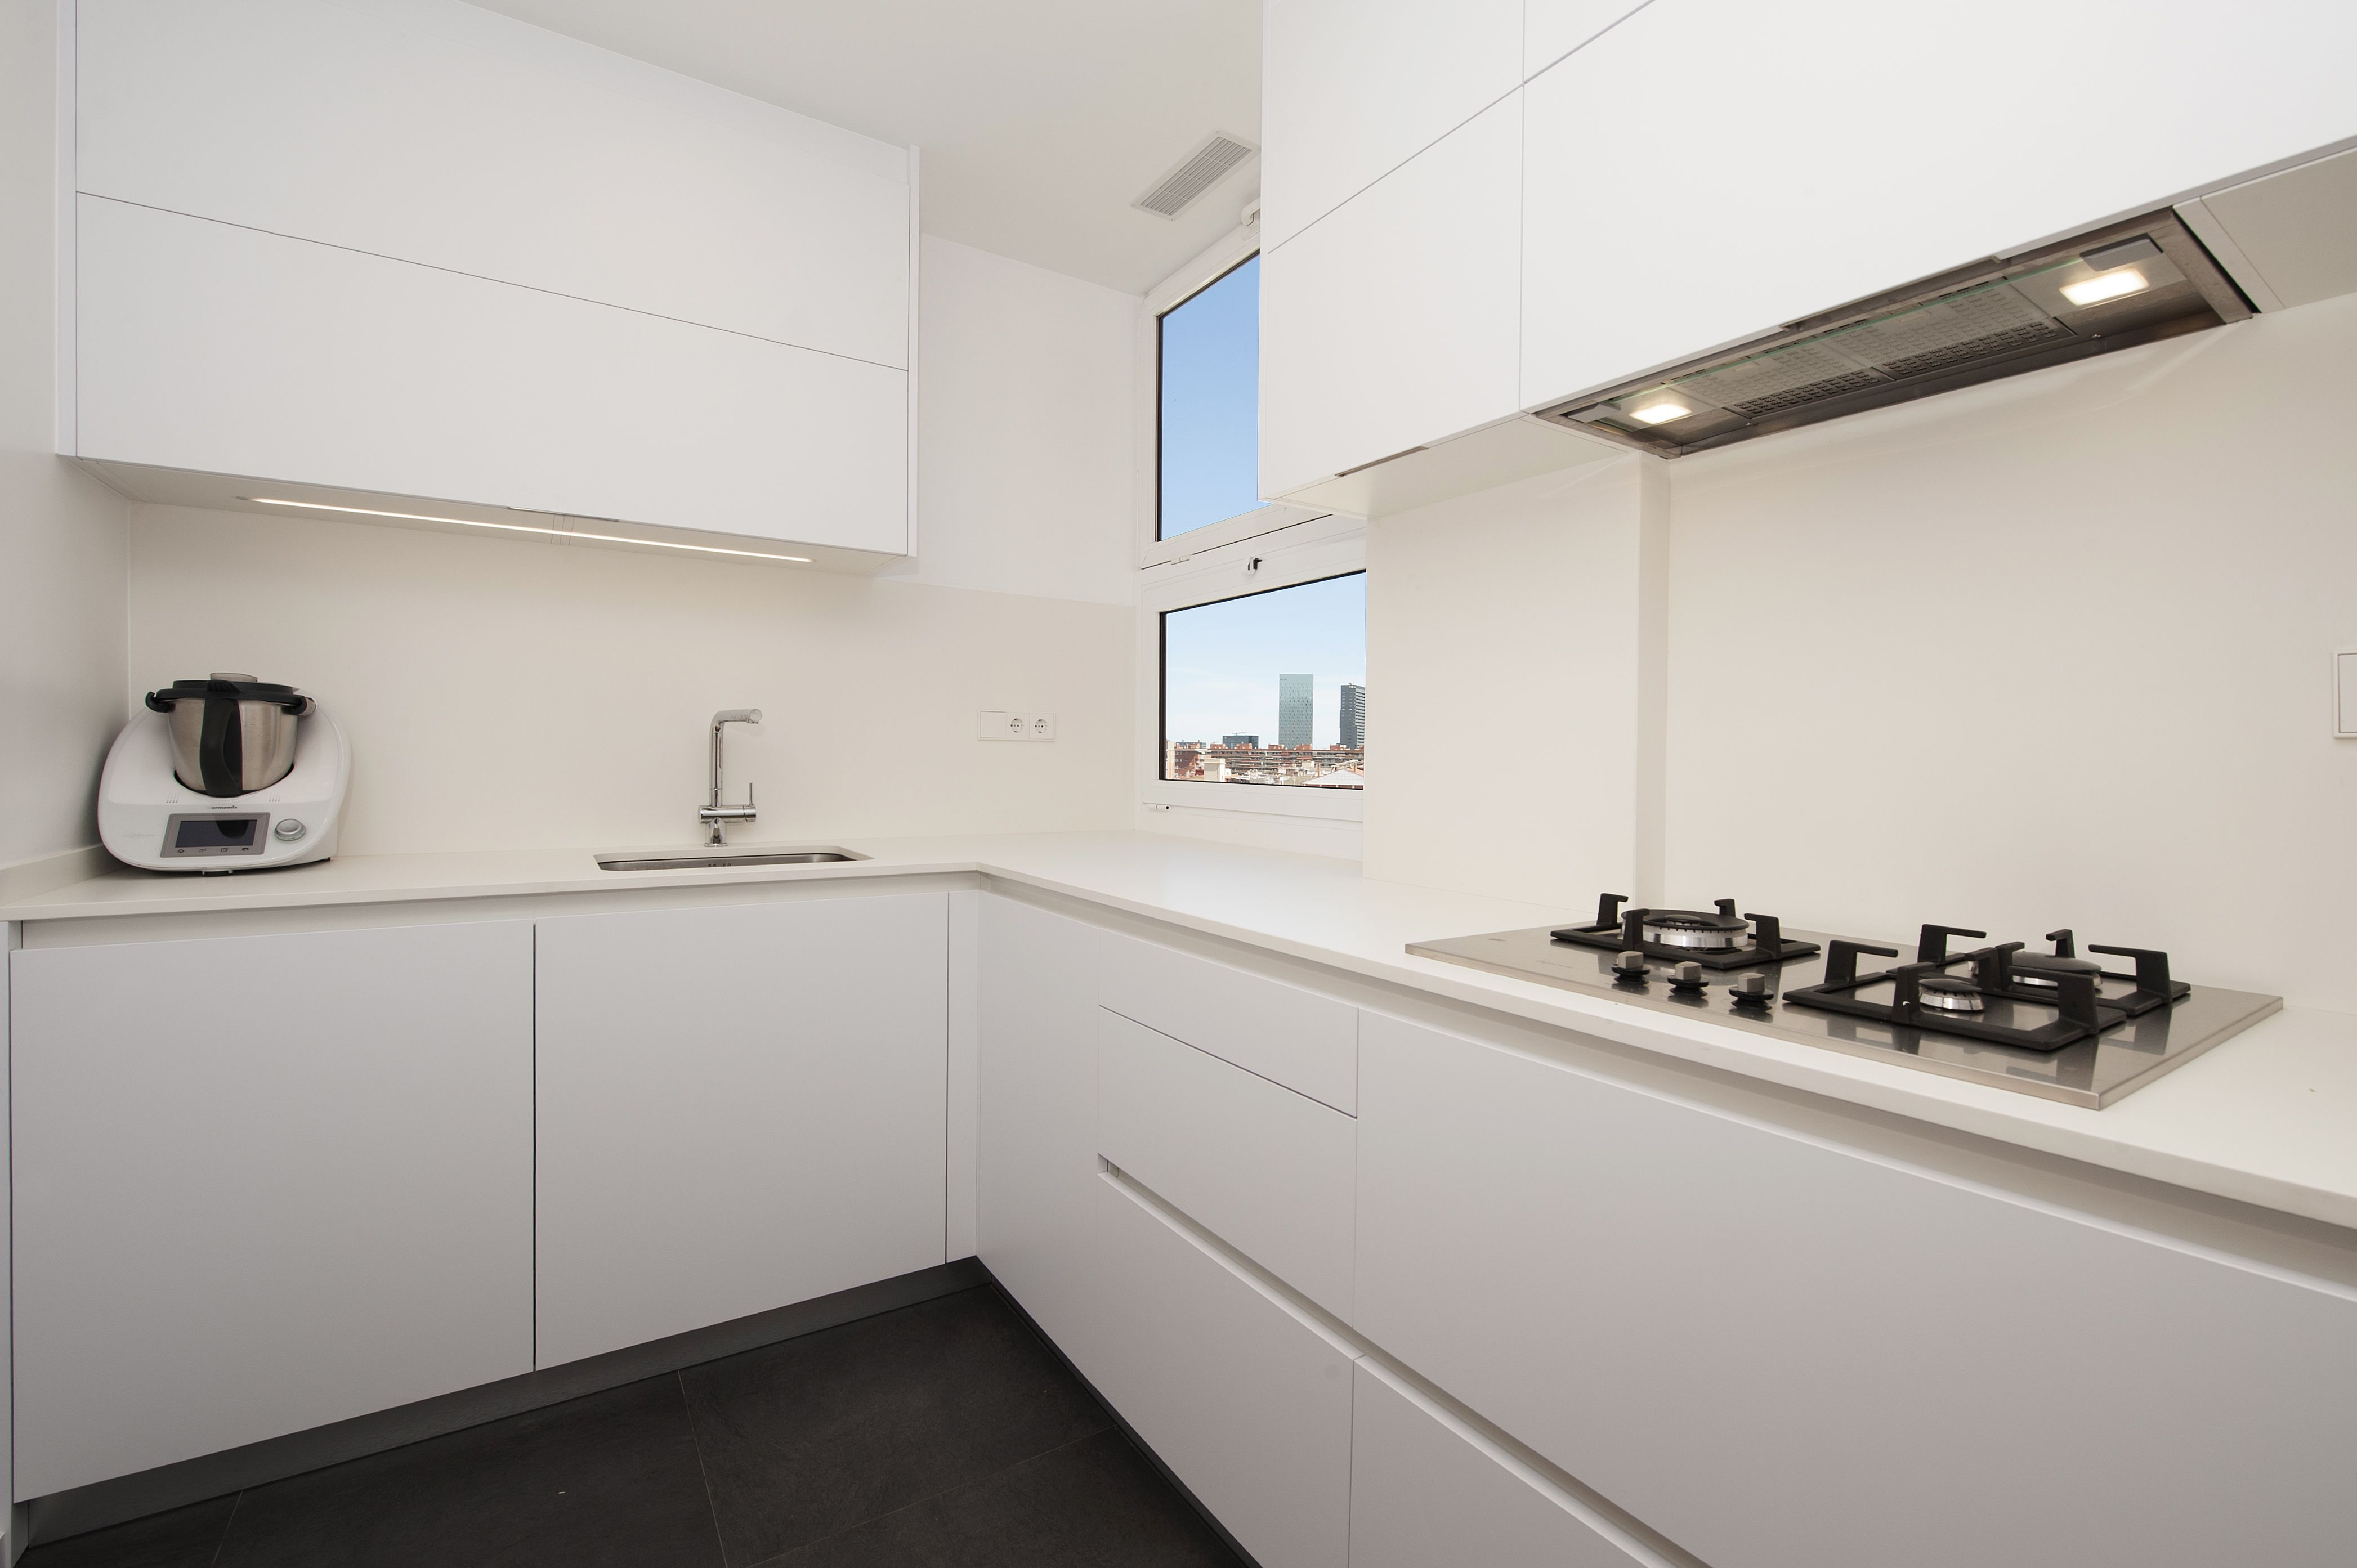 Zona de trabajo de la cocina. Diseño moderno con líneas simples ...